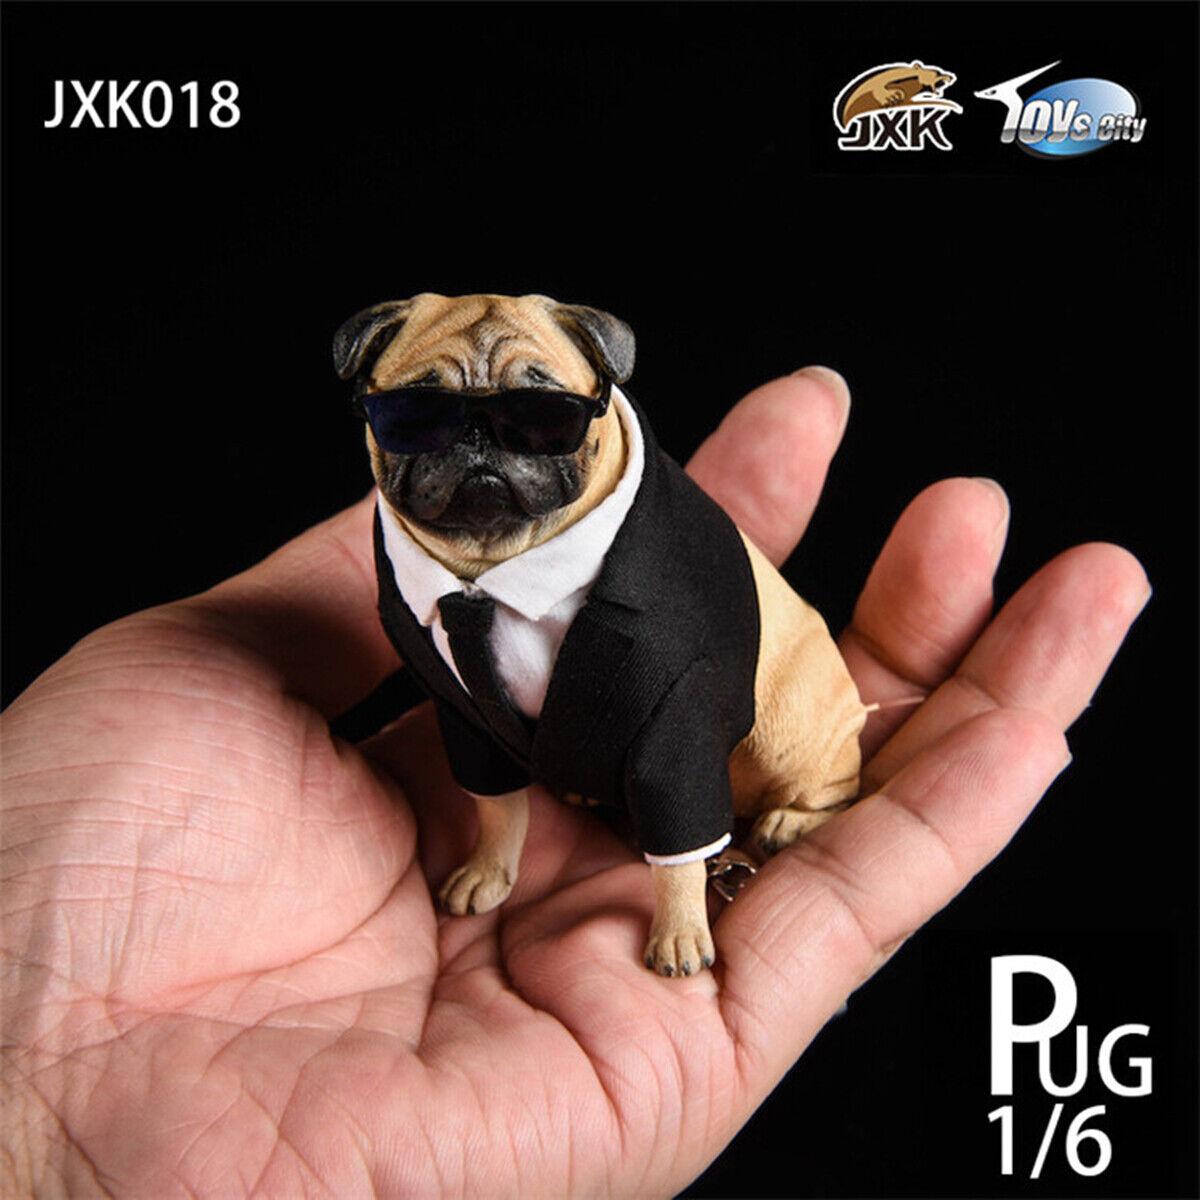 JxK 1 6 Suit Pug cifra Dog Pet  Animal modellololo Collector Decor giocattolo GK Pre-order  promozioni di sconto